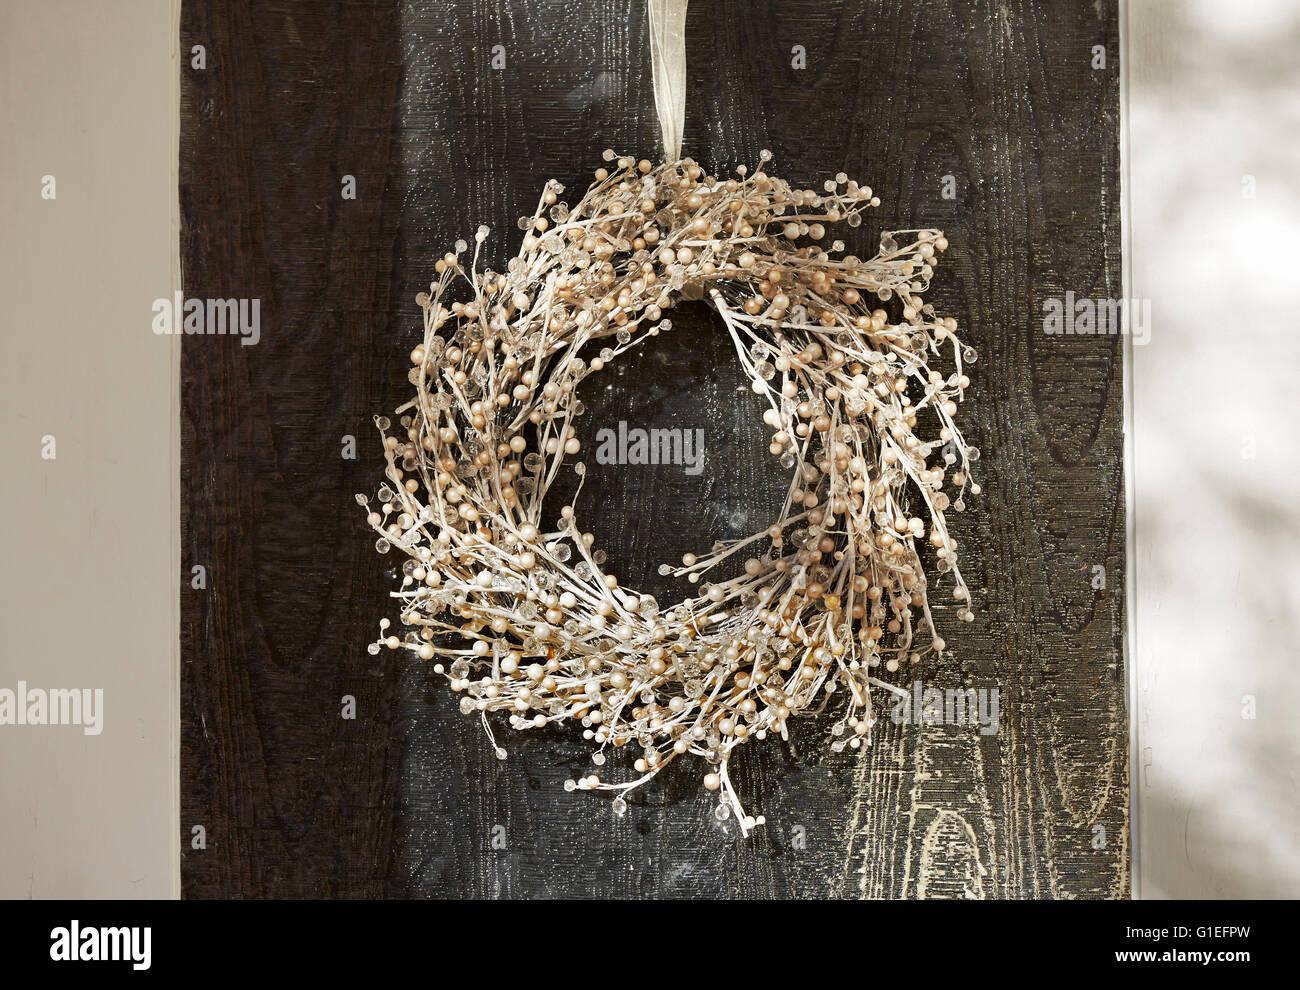 Christmas Garland on Door. Garland hanging on the door. - Stock Image